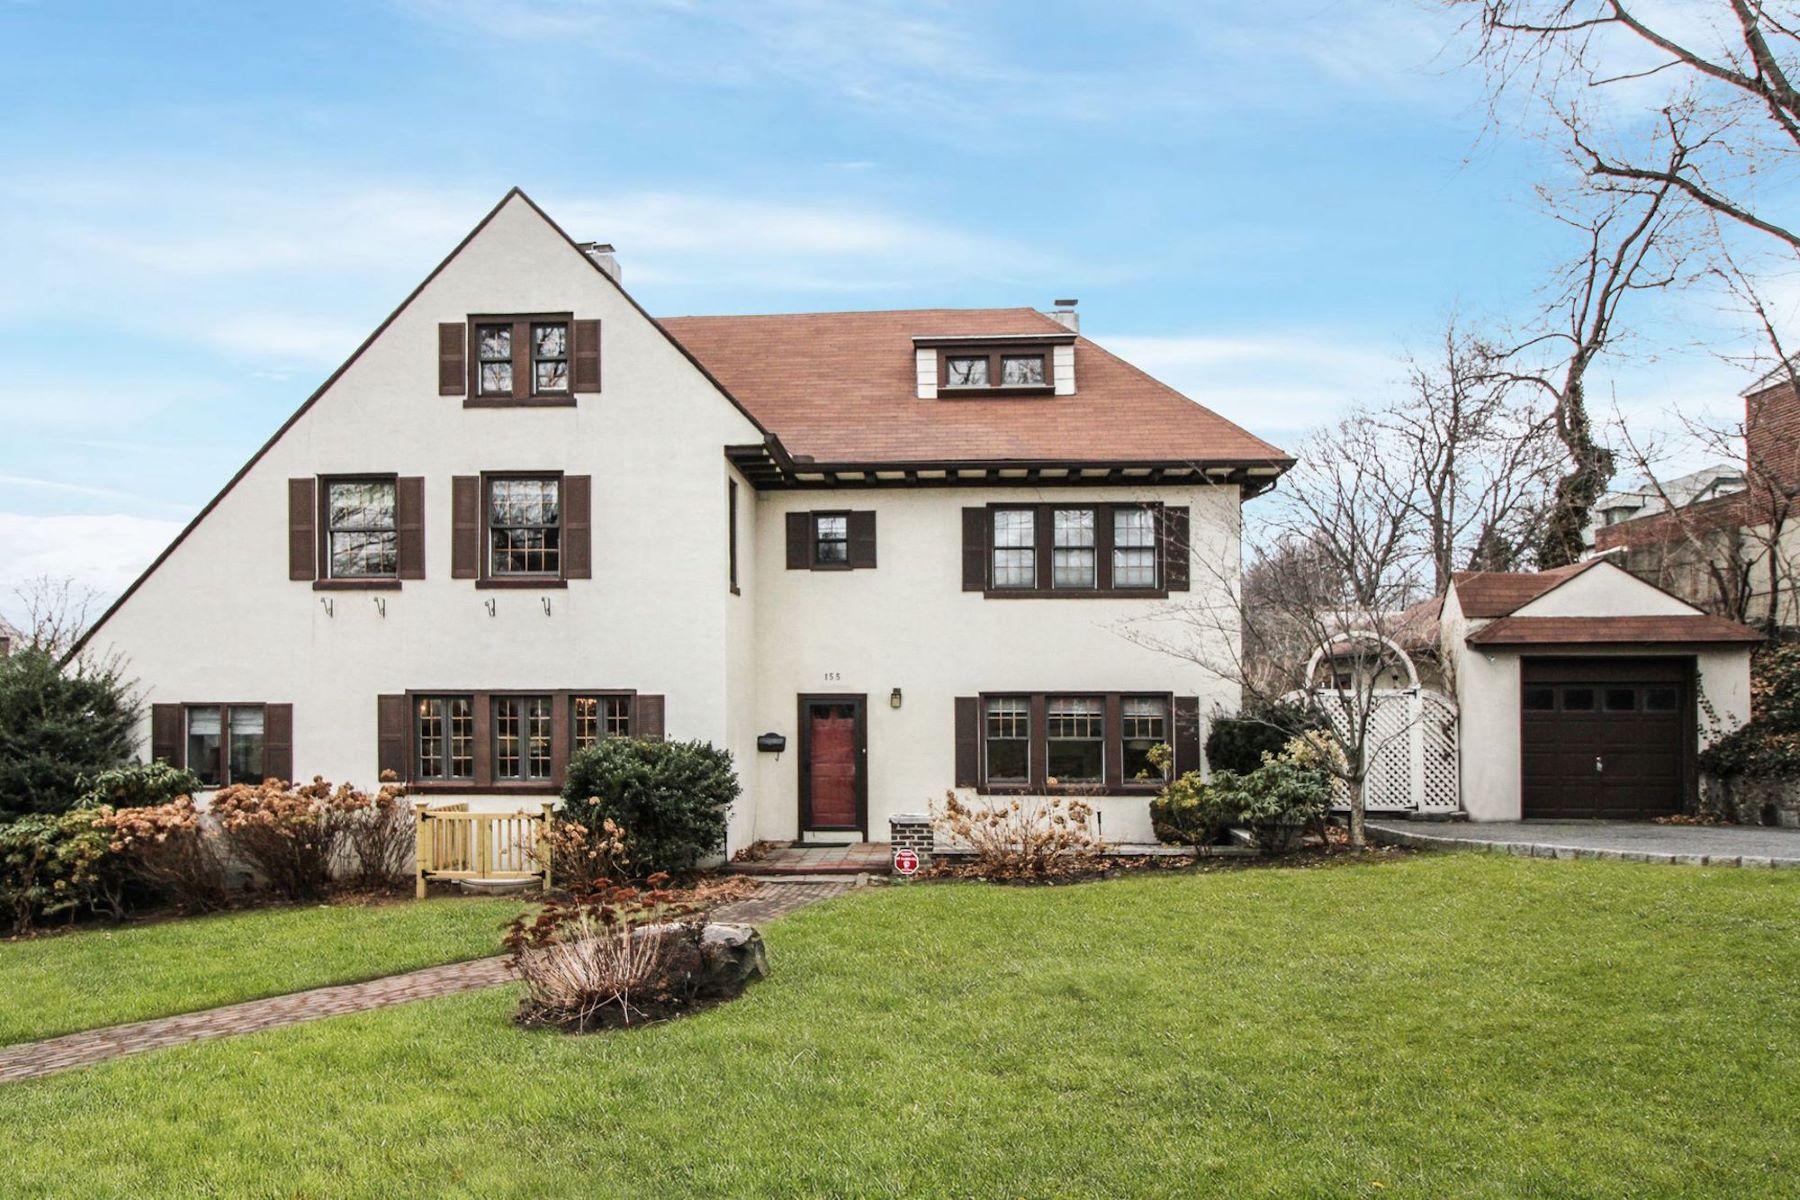 Частный односемейный дом для того Продажа на 155 Secor1 155 Secor Lane, Pelham, Нью-Йорк, 10803 Соединенные Штаты